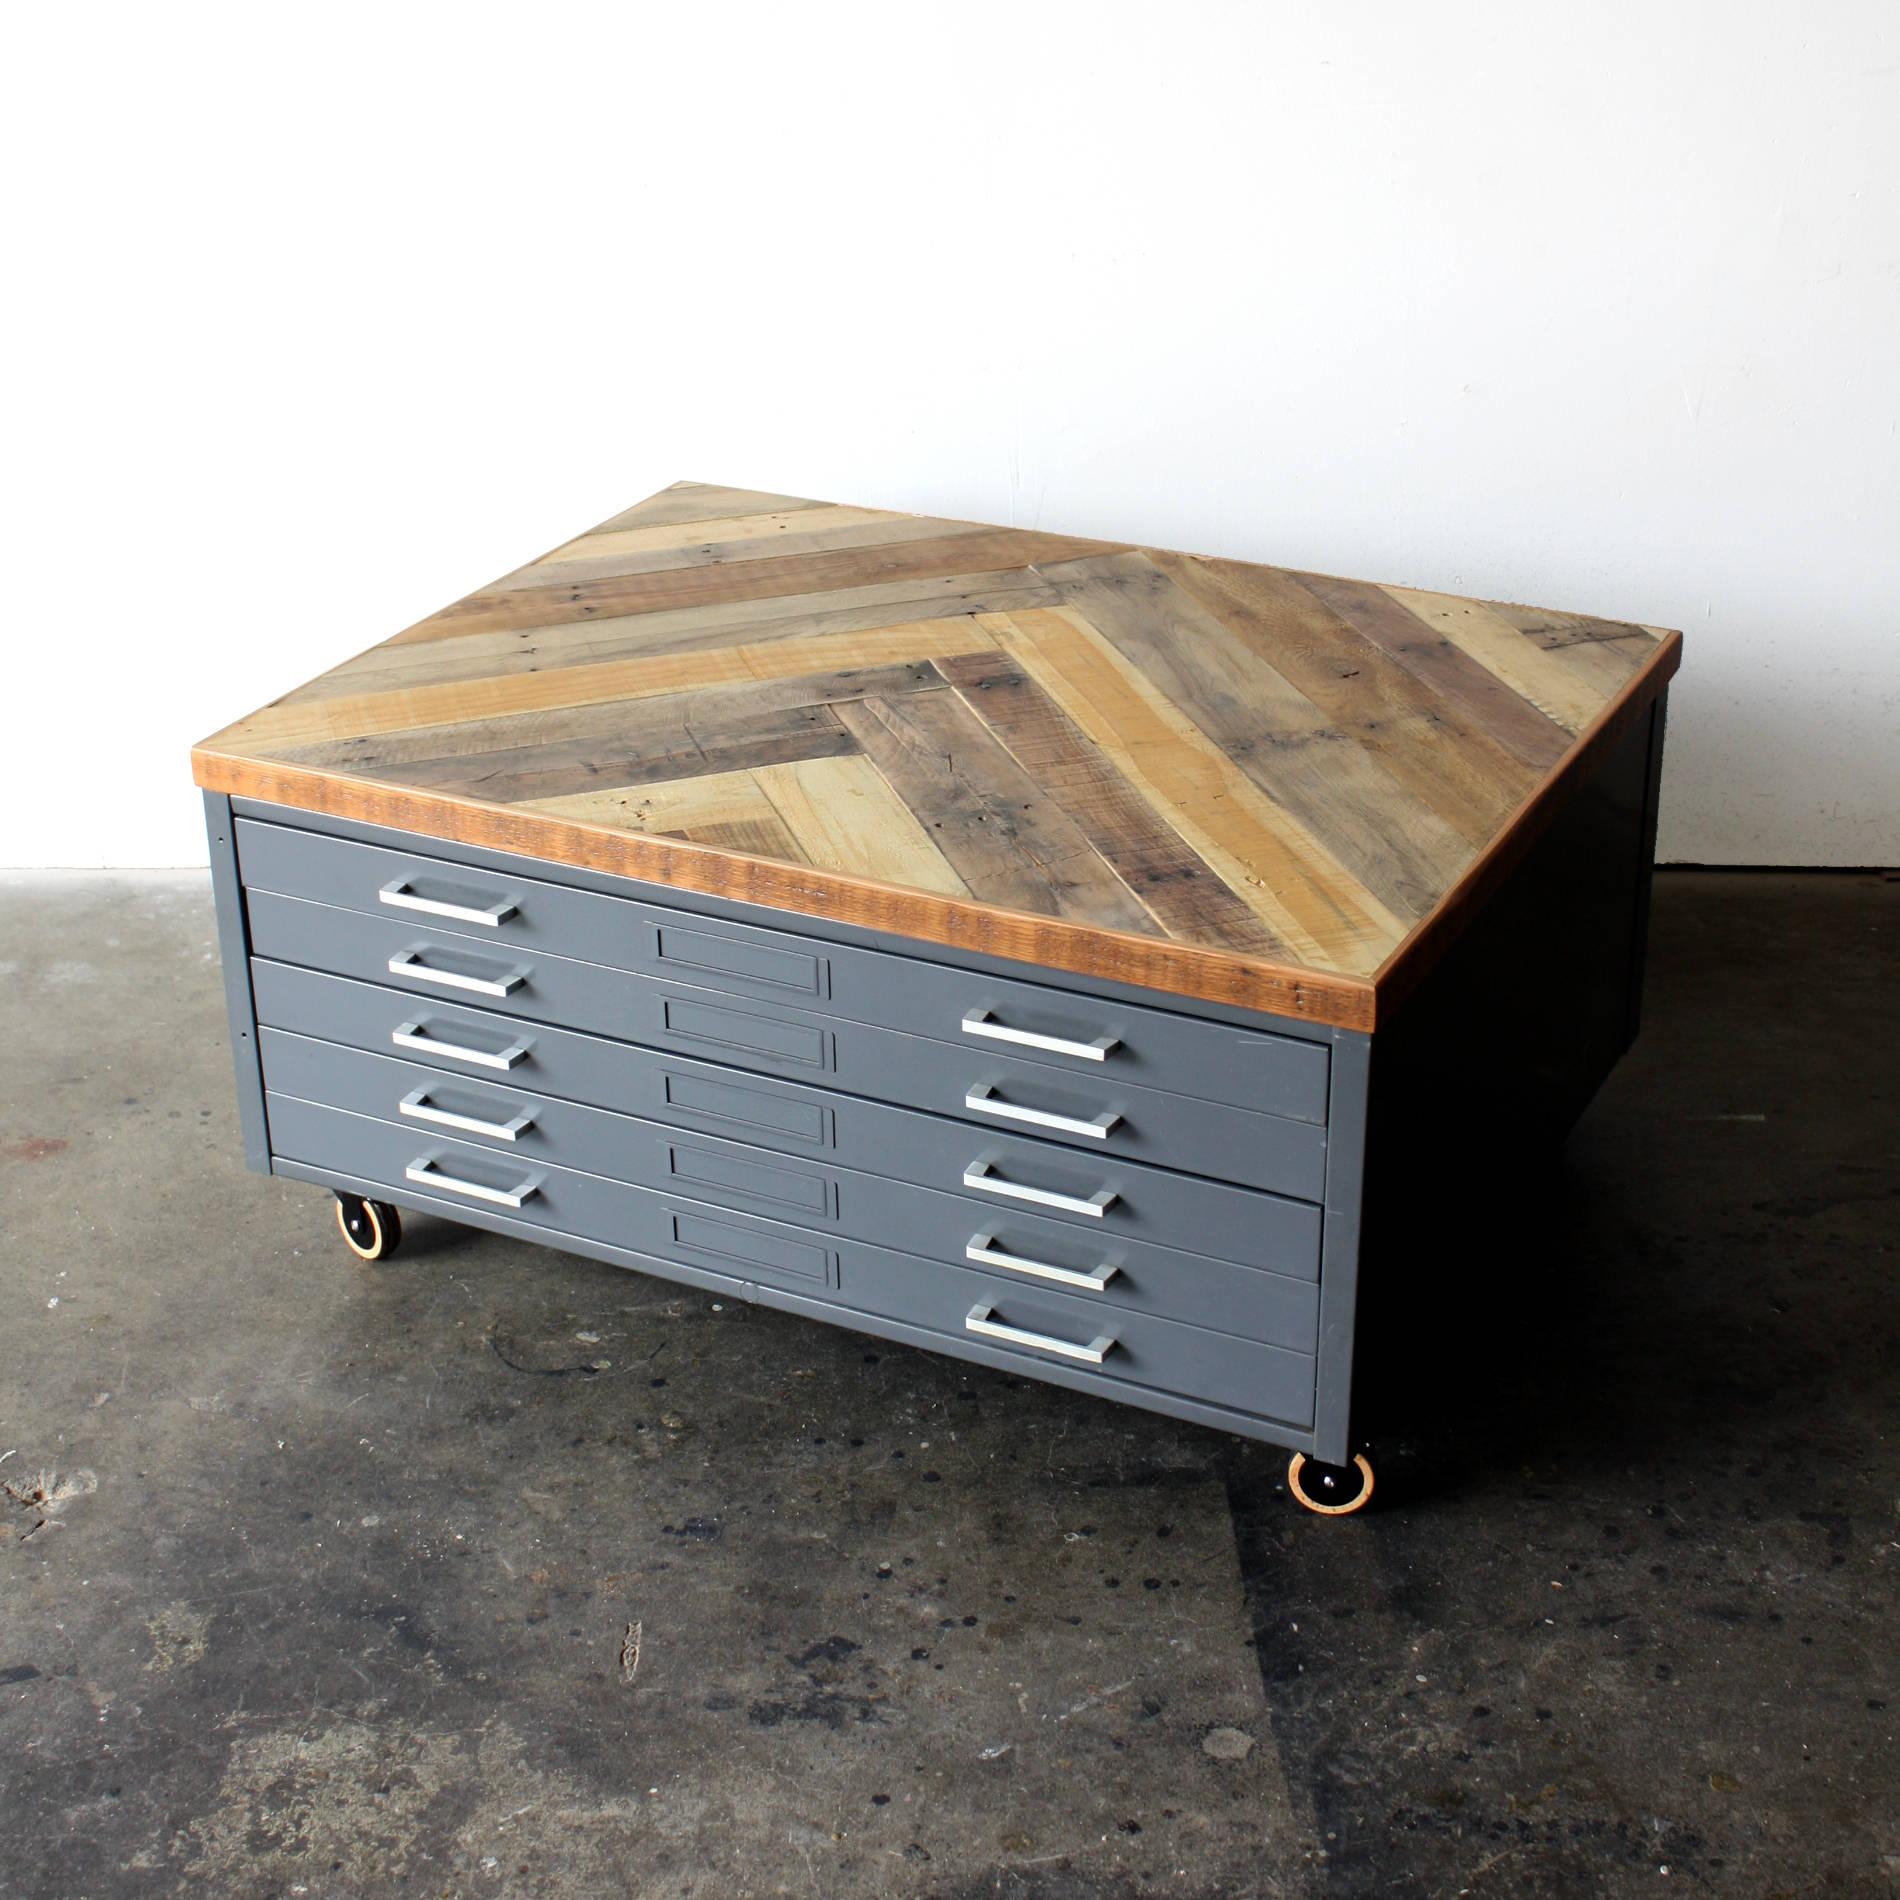 Repurposed Coffee Table Reclaimed Wood Herringbone Vintage